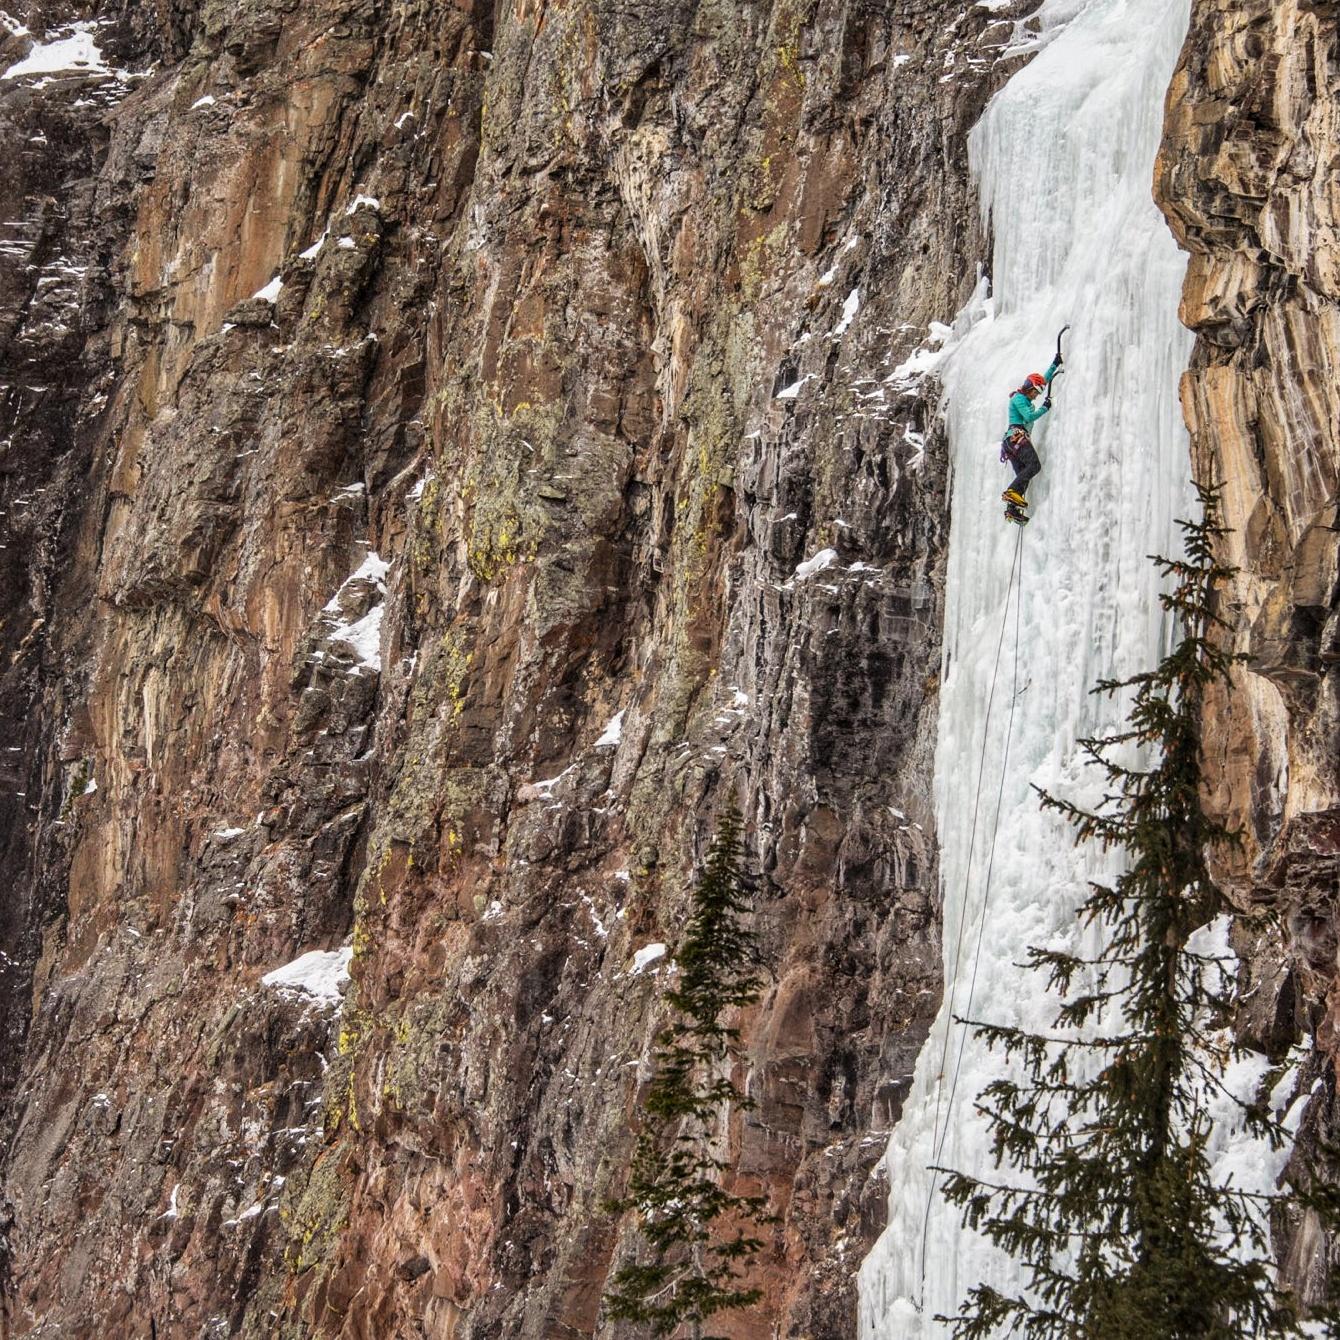 San-Juan-Backcountry-Ice-Climbing